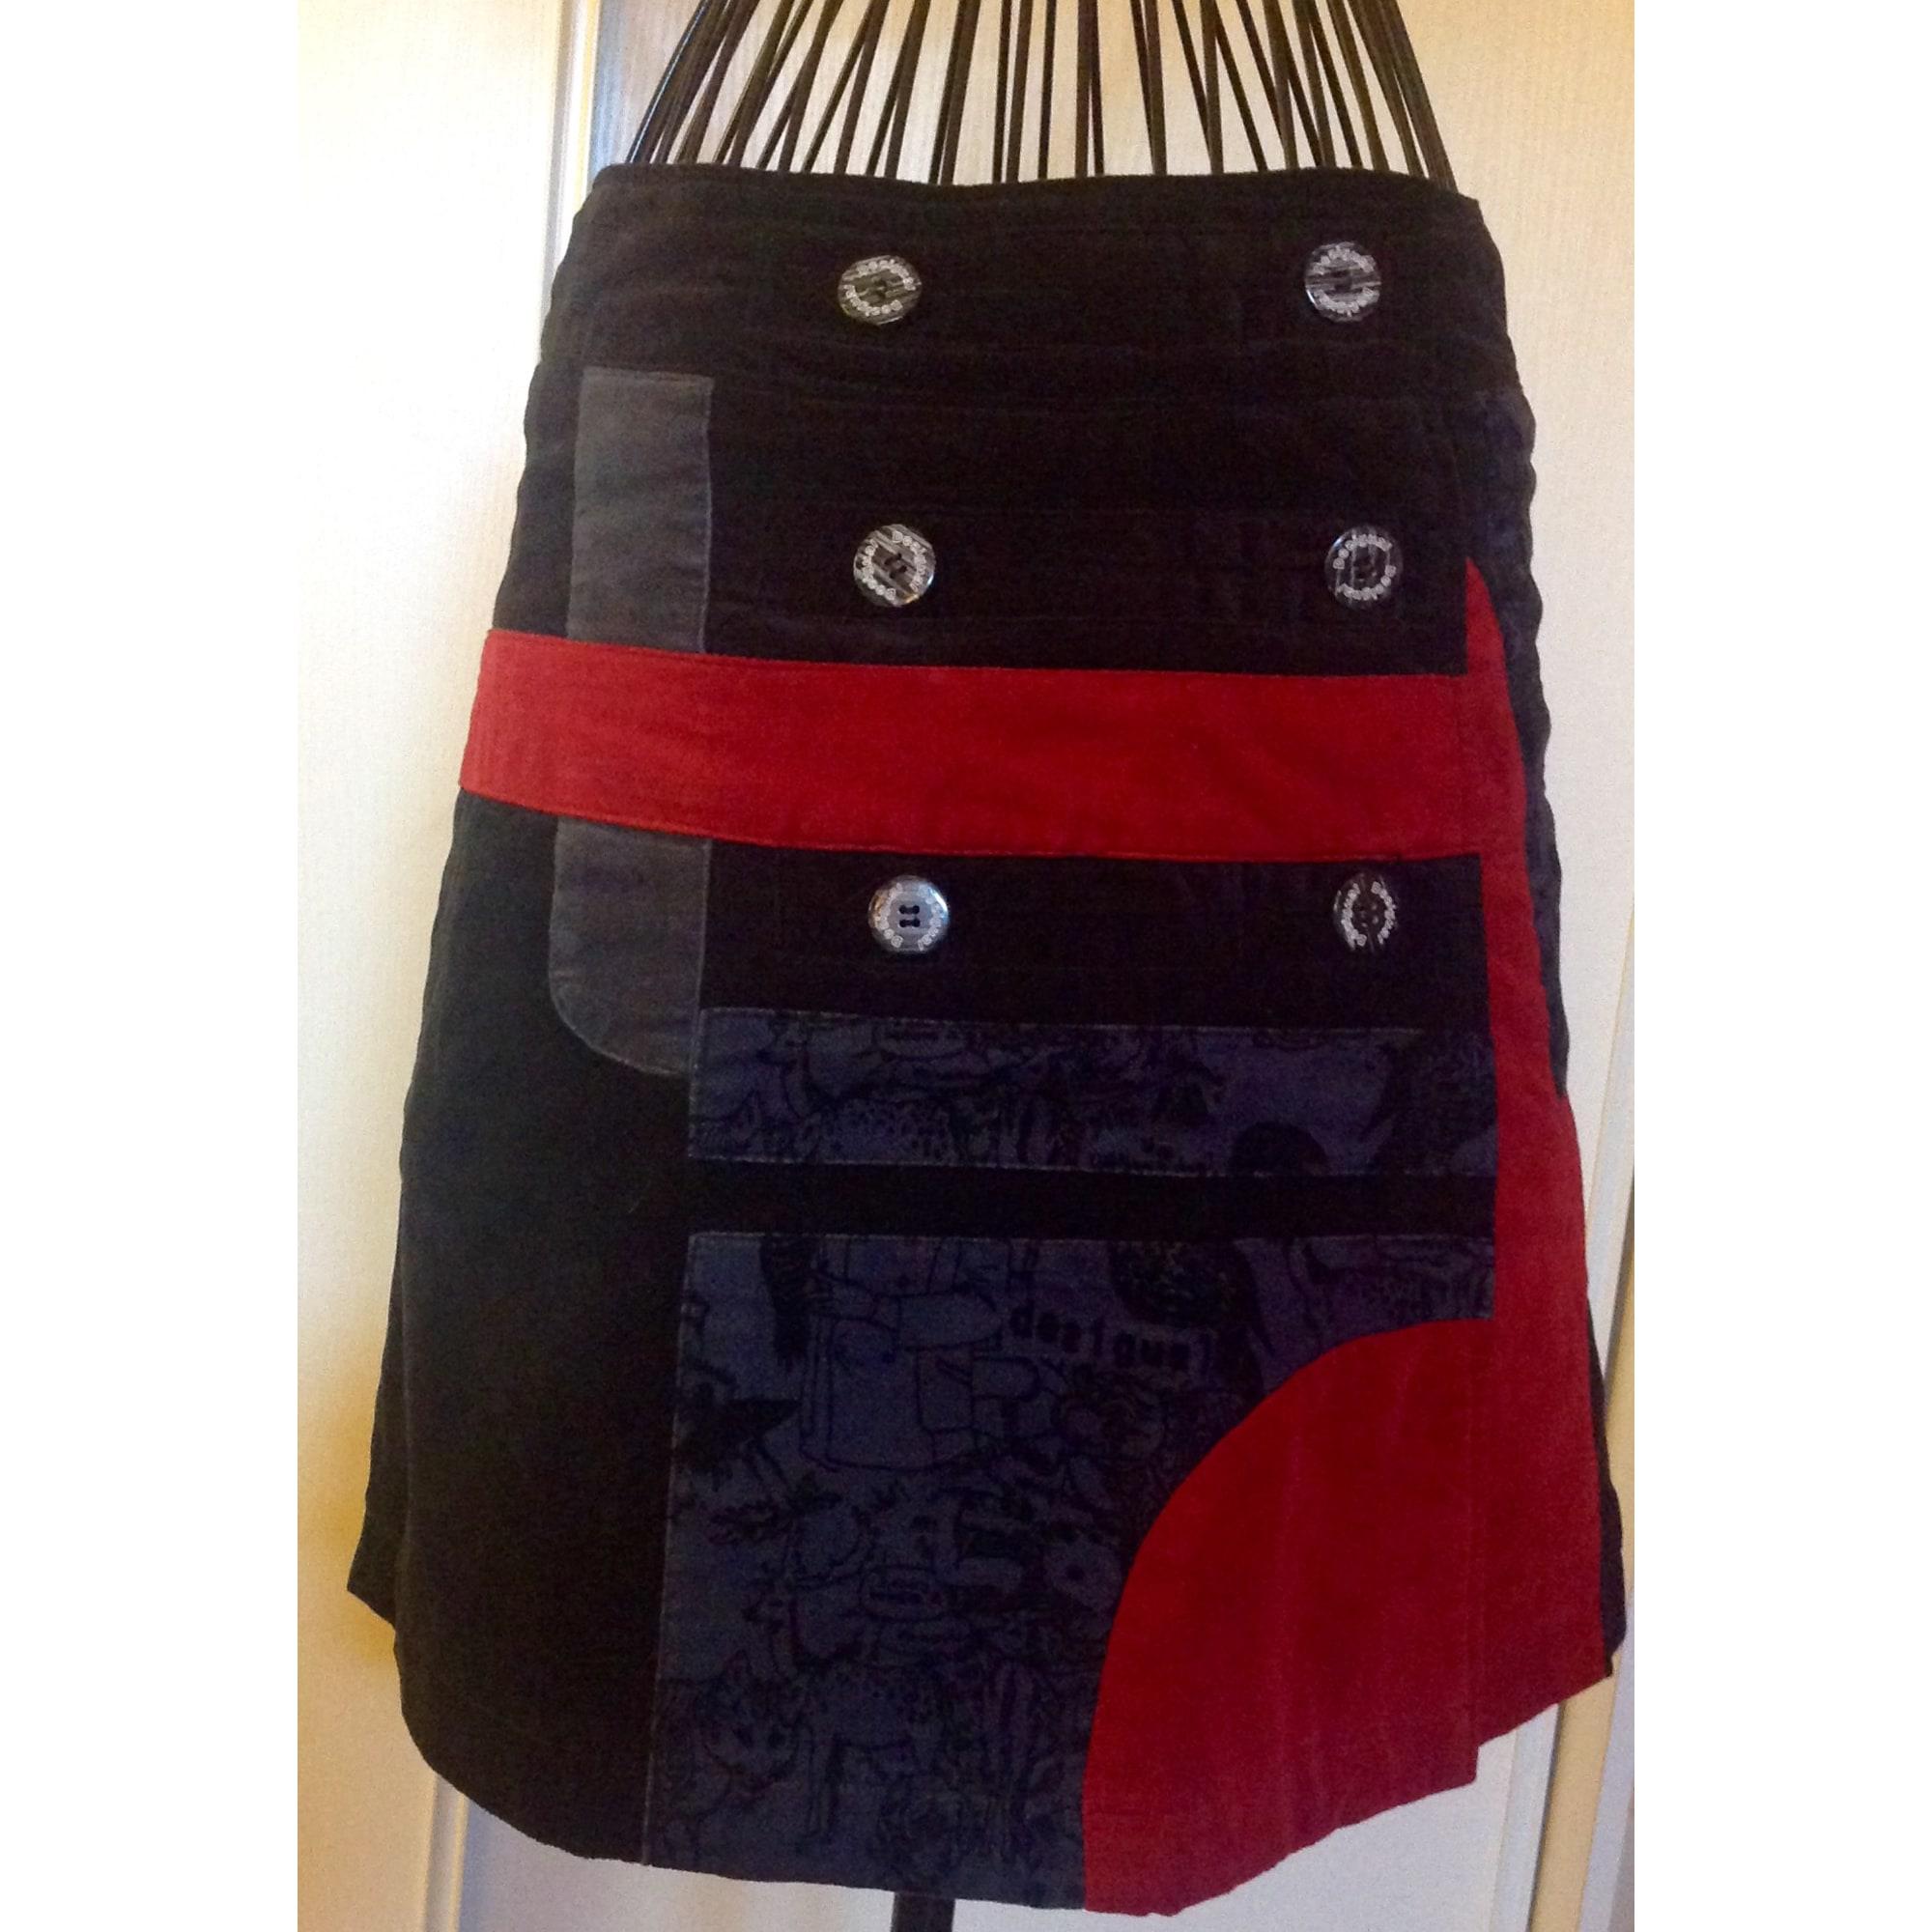 Jupe courte DESIGUAL rouge, noire et anthracite